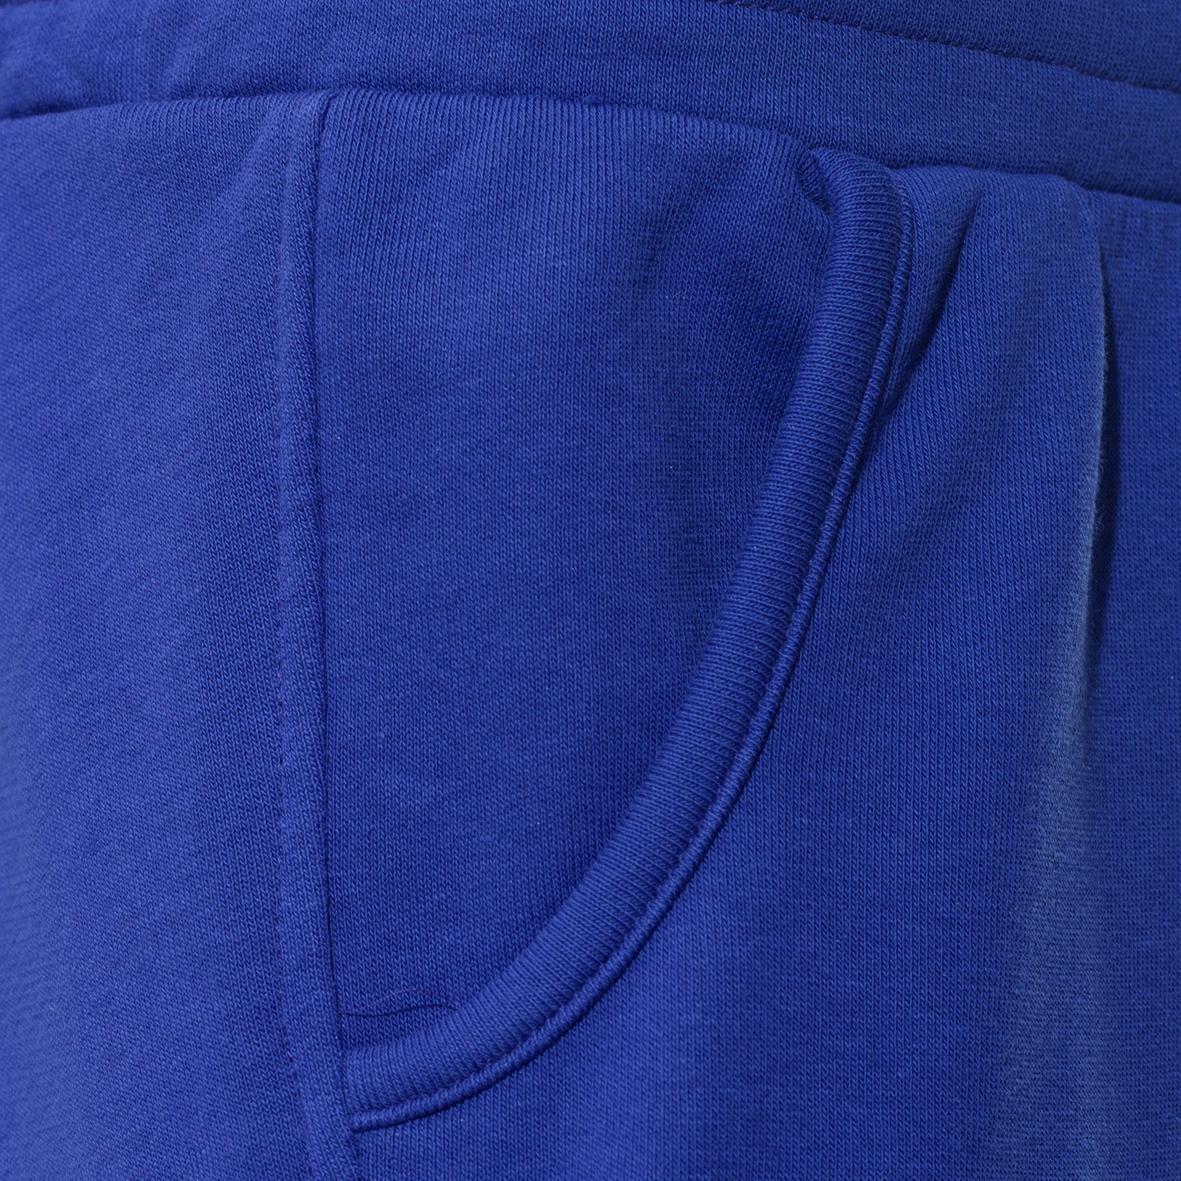 Puma Damen 34 Jogginghose Capri Sweat Pants, 828086